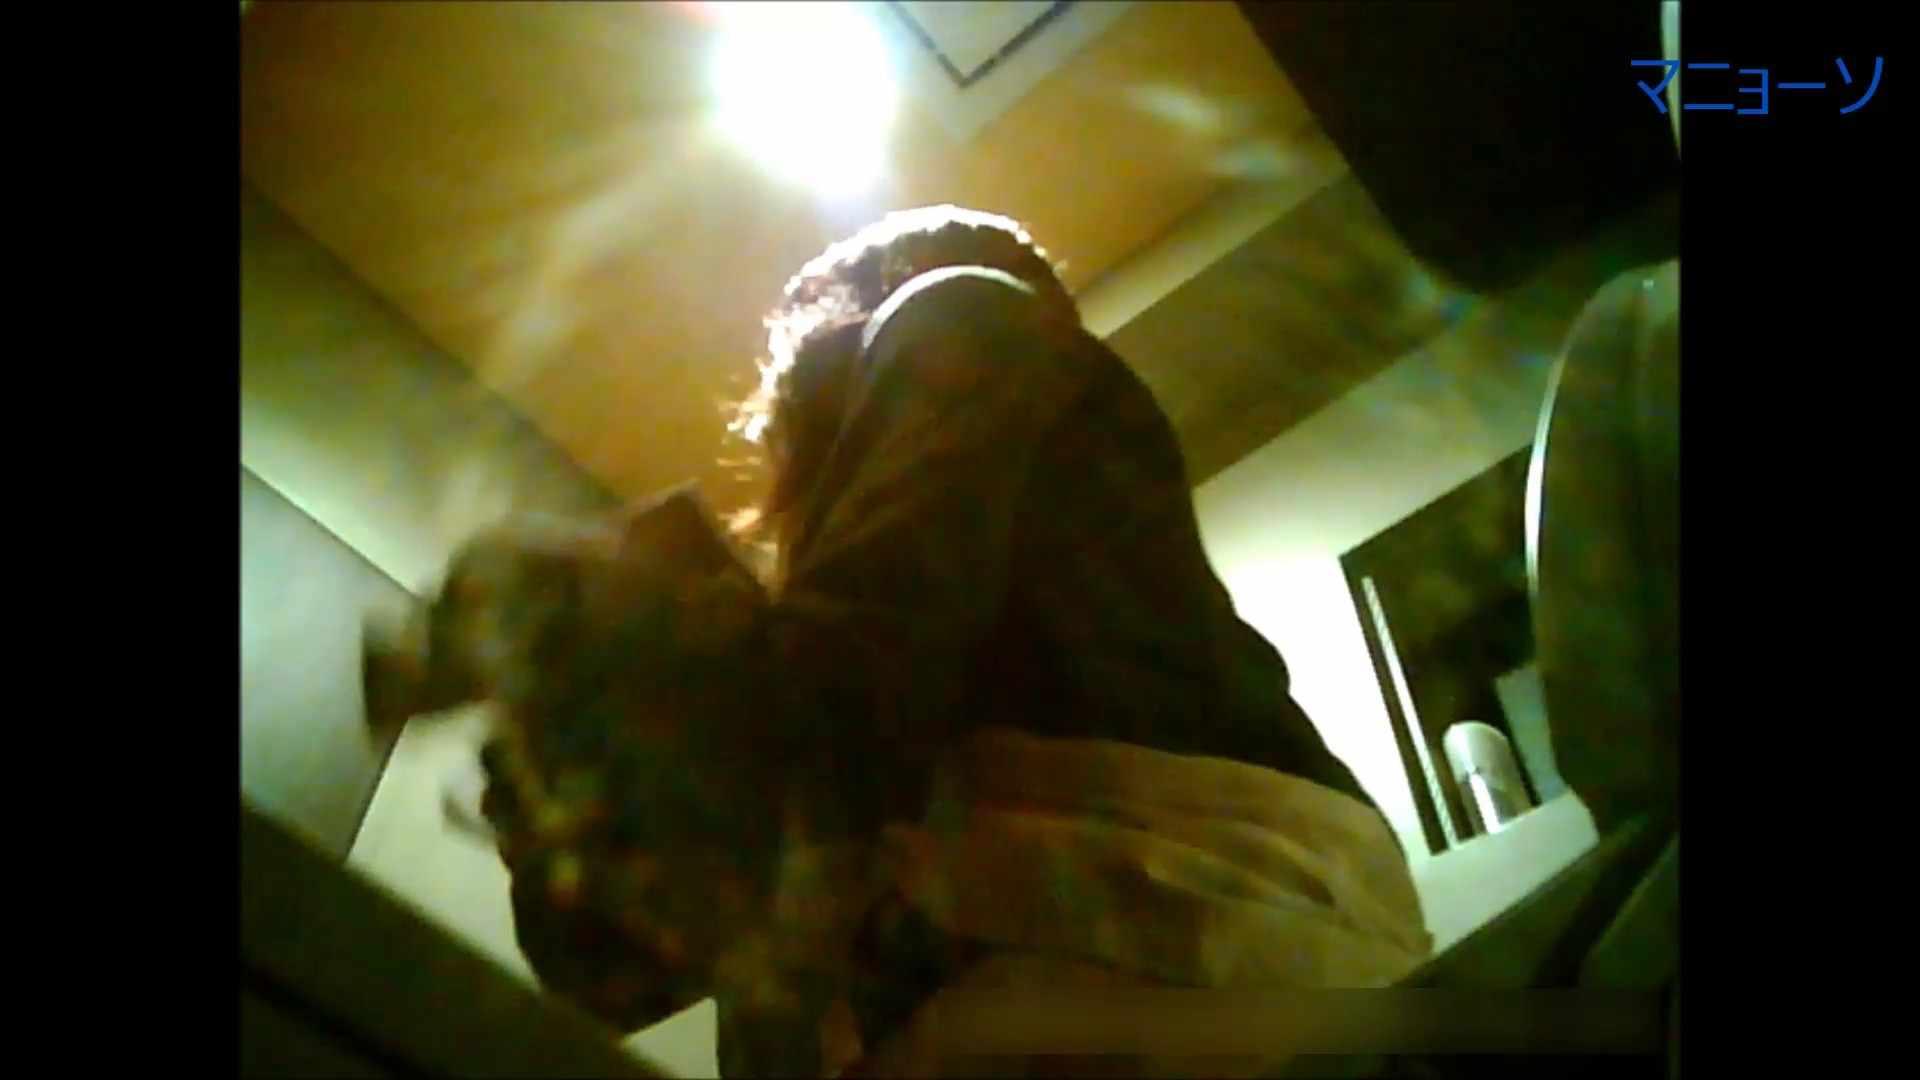 トイレでひと肌脱いでもらいました (JD編)Vol.01 OL  93pic 72